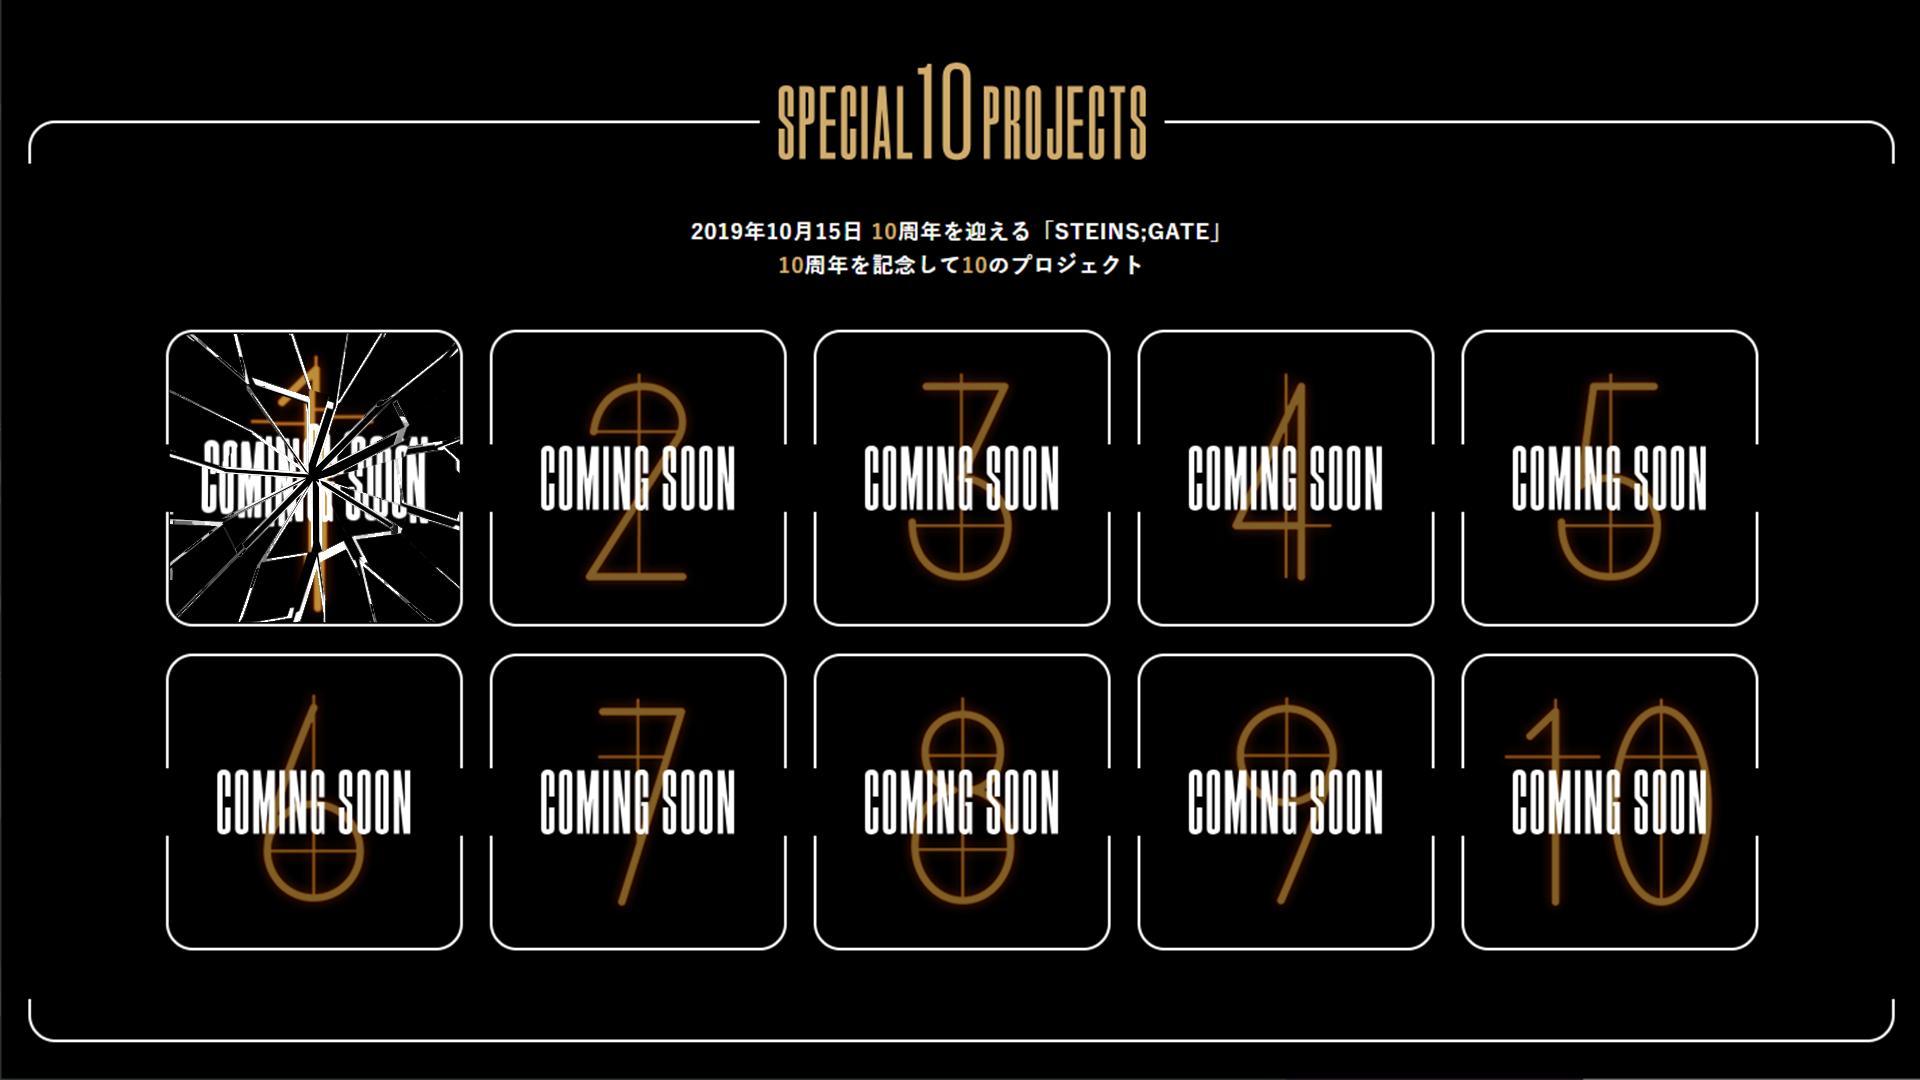 Tabellone dei 10 progetti per il decimo anniversario di Steins;Gate con il primo già segnato